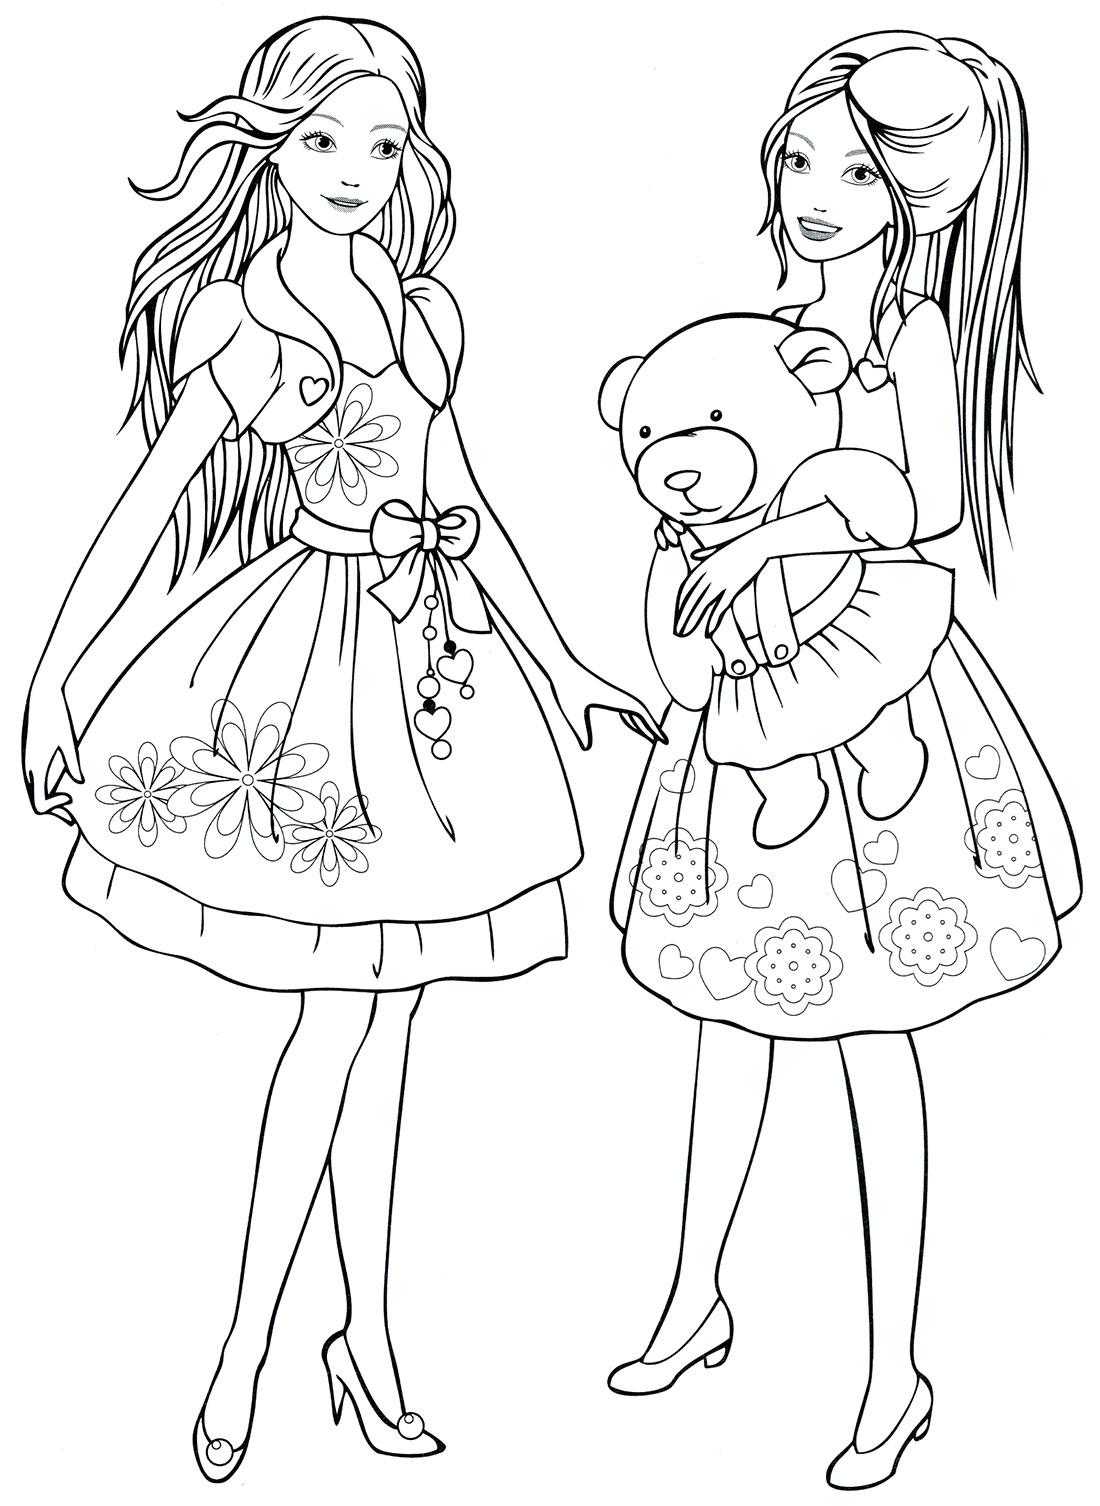 Картинки с красивыми девочками раскраска, мая день